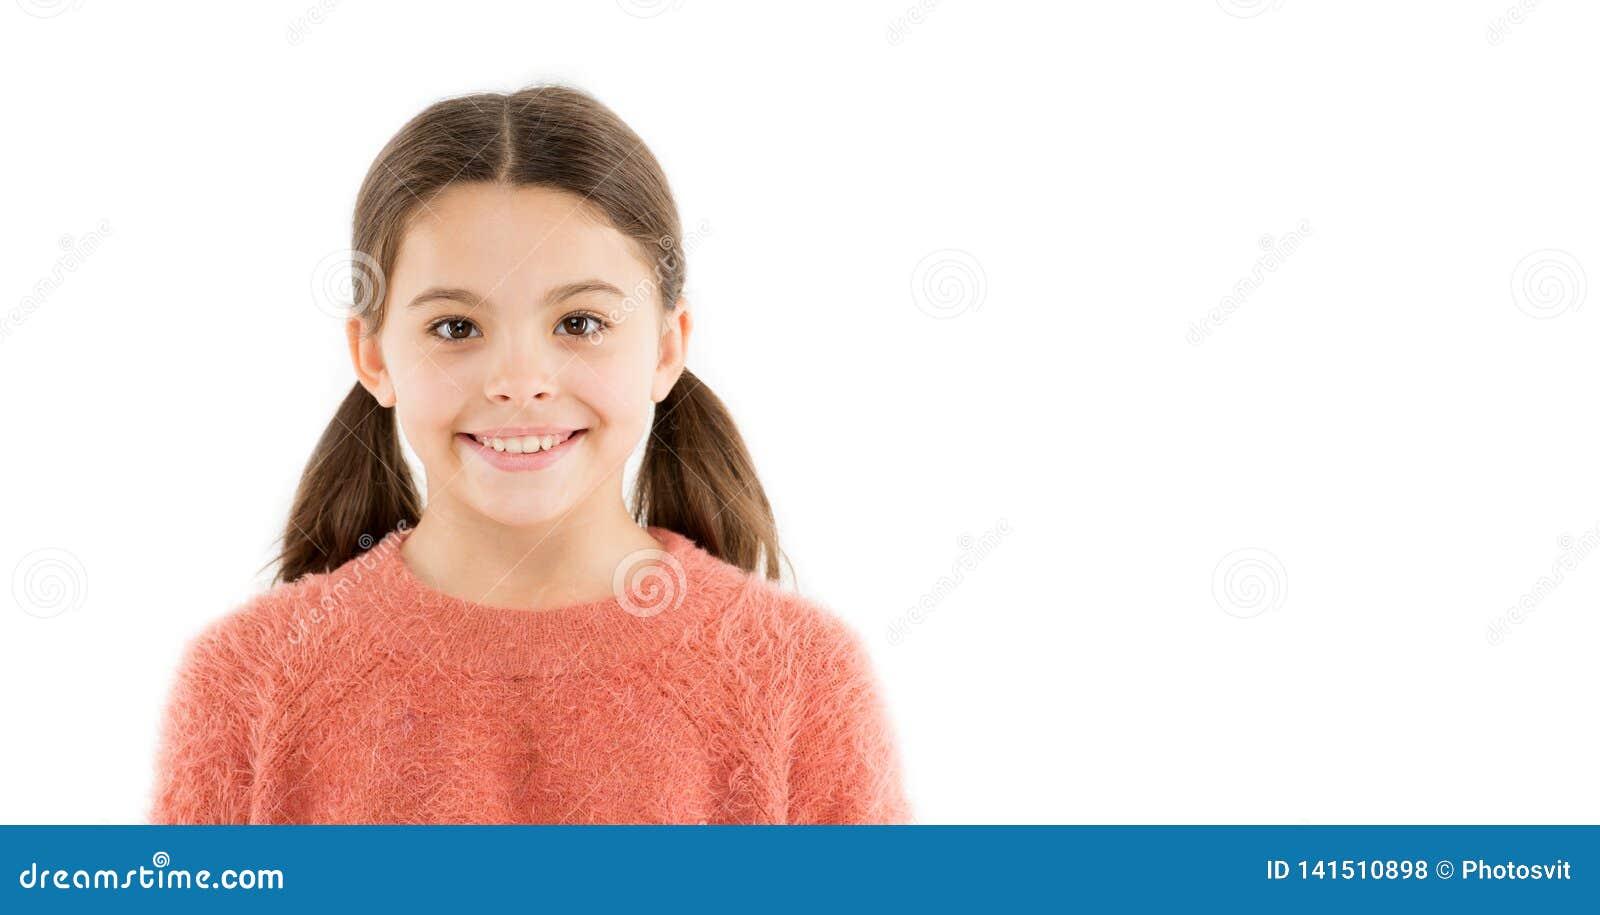 Leuchtendes Lächeln Kinderglückliche nette genießen Kindheit Entzückendes lächelndes glückliches Gesicht des Mädchens Kind, das g